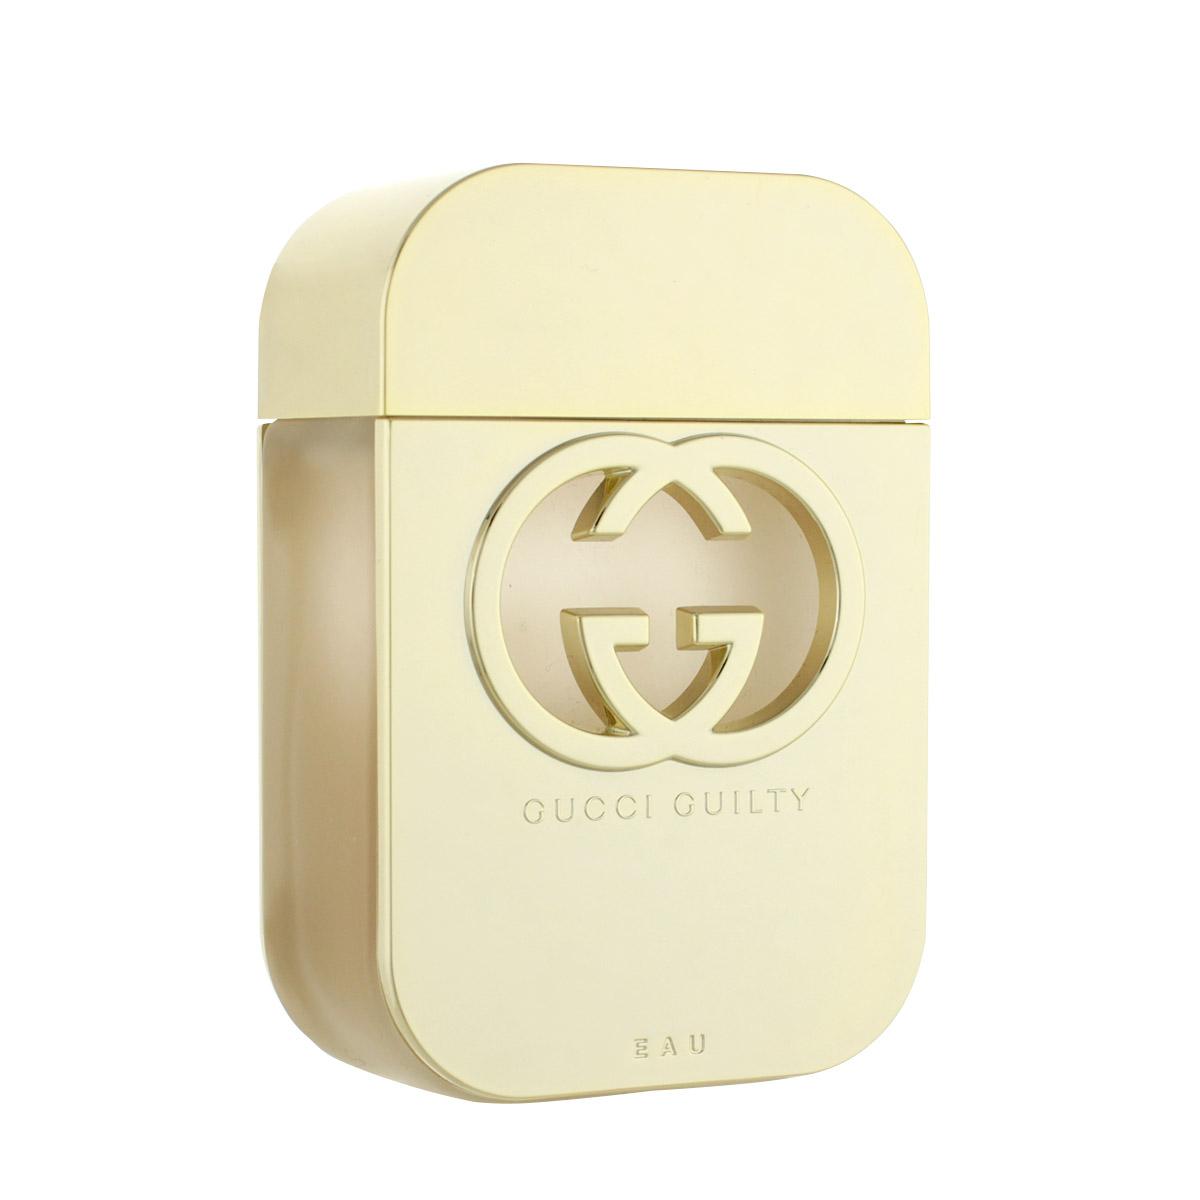 Gucci Guilty Eau Pour Femme EDT tester 75 ml W